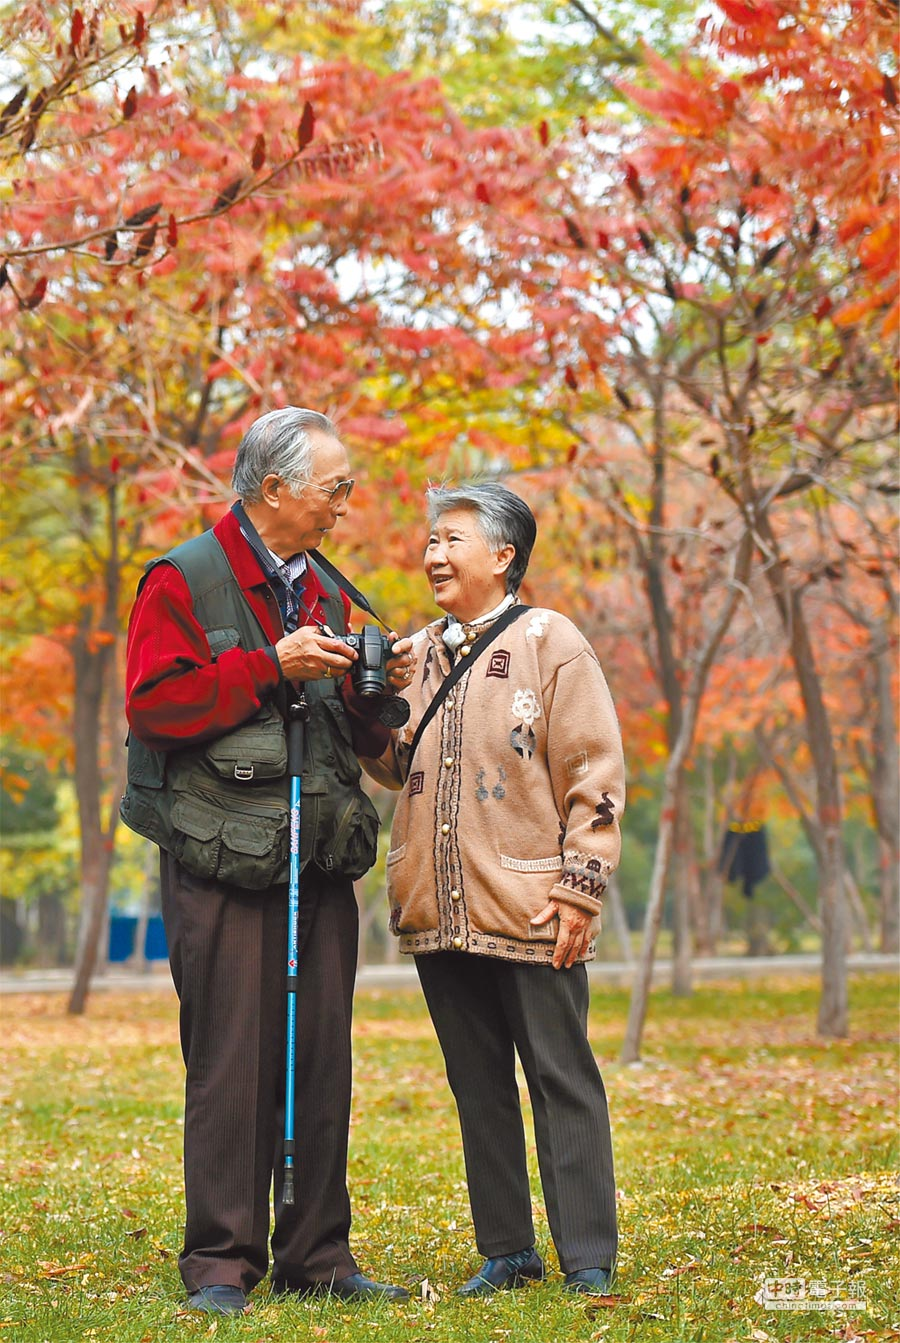 2018年大陸60歲以上「銀髮族」出遊人次大增。圖為山西太原汾河公園,一對老夫妻在看剛拍的照片。(新華社)